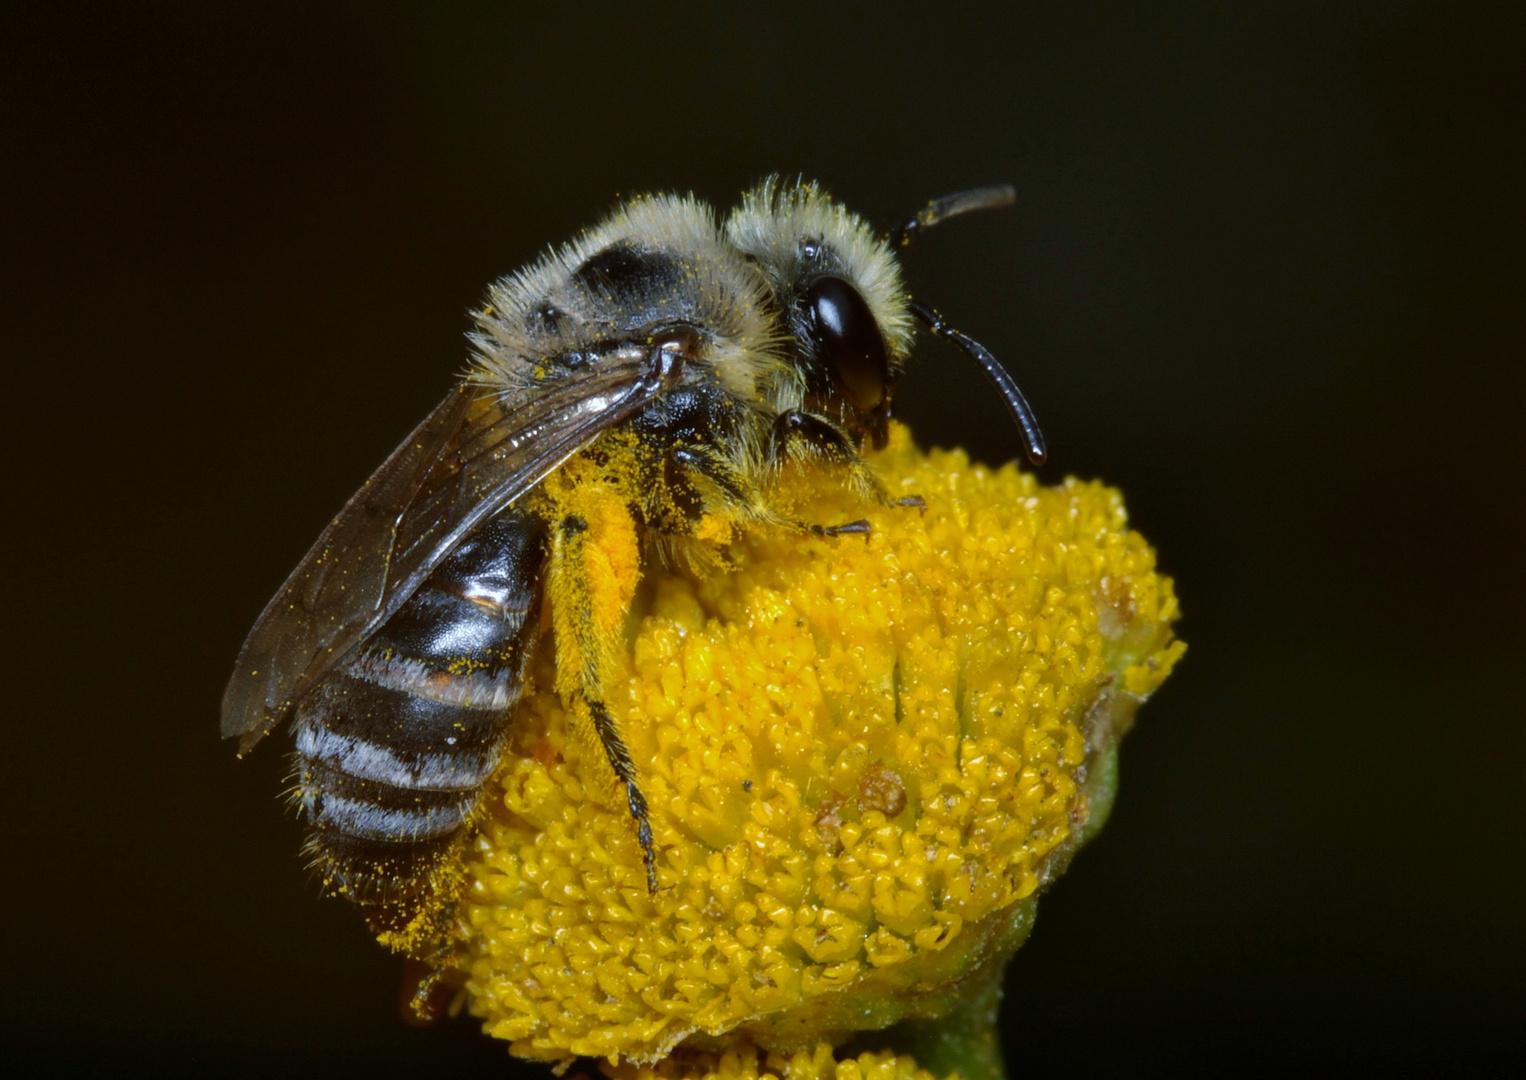 Unbekannte Biene